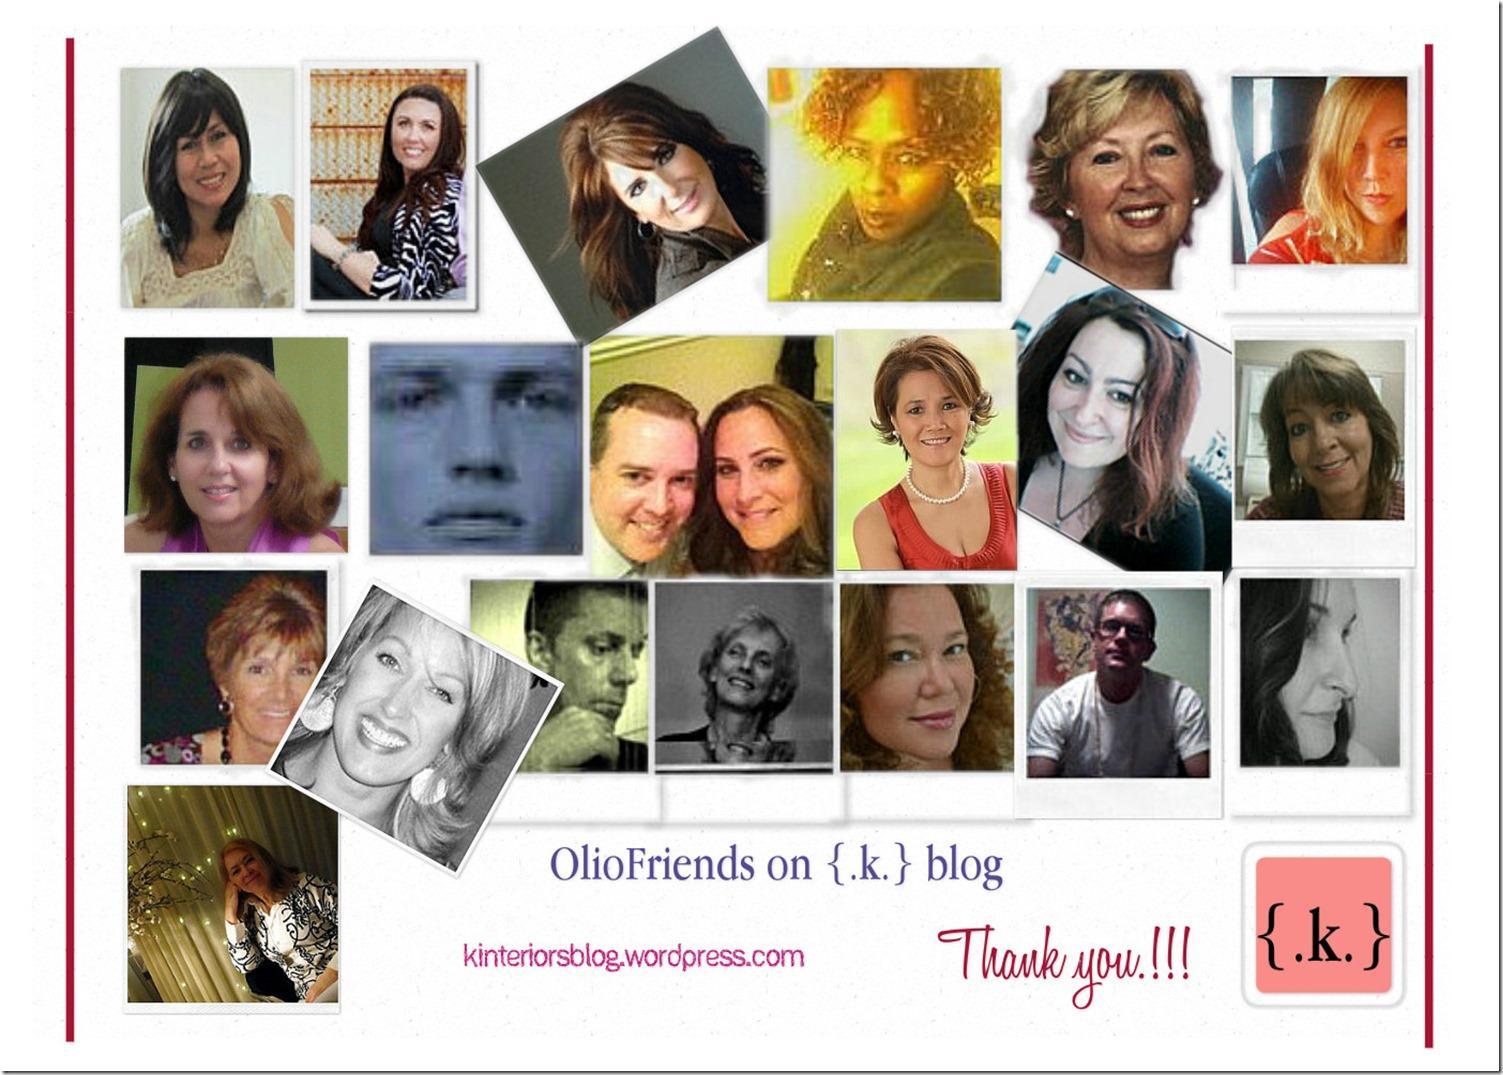 OB-OlioFriends on {.k.} blog